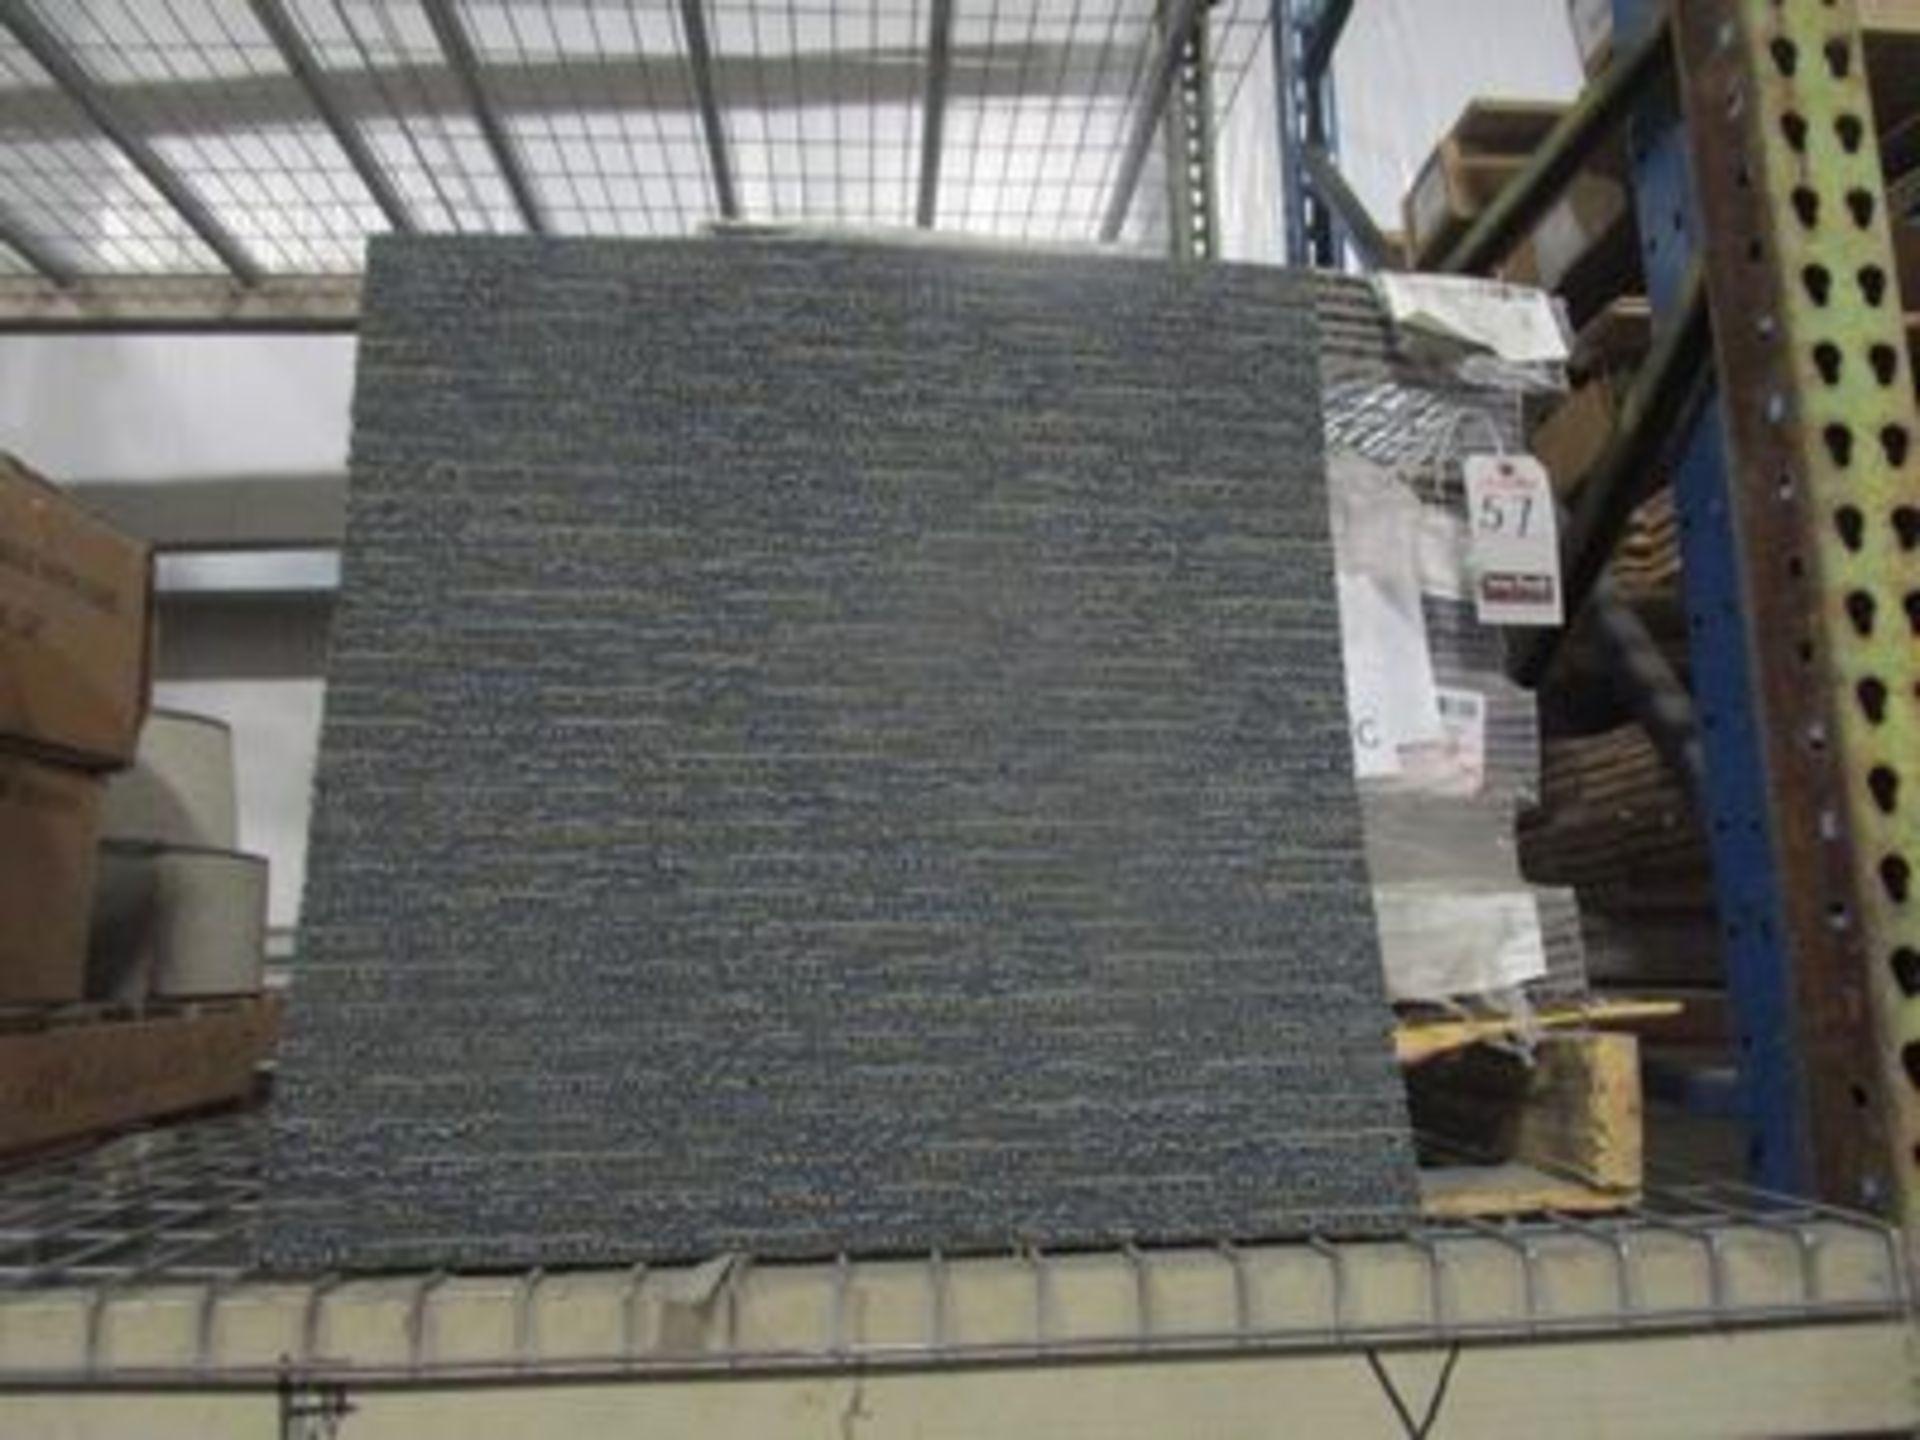 Lot 57 - BUNDLES INTUITION INNER SENSE 2'X2' CARPET SQUARES, (670 S/F PER BUNDLE)